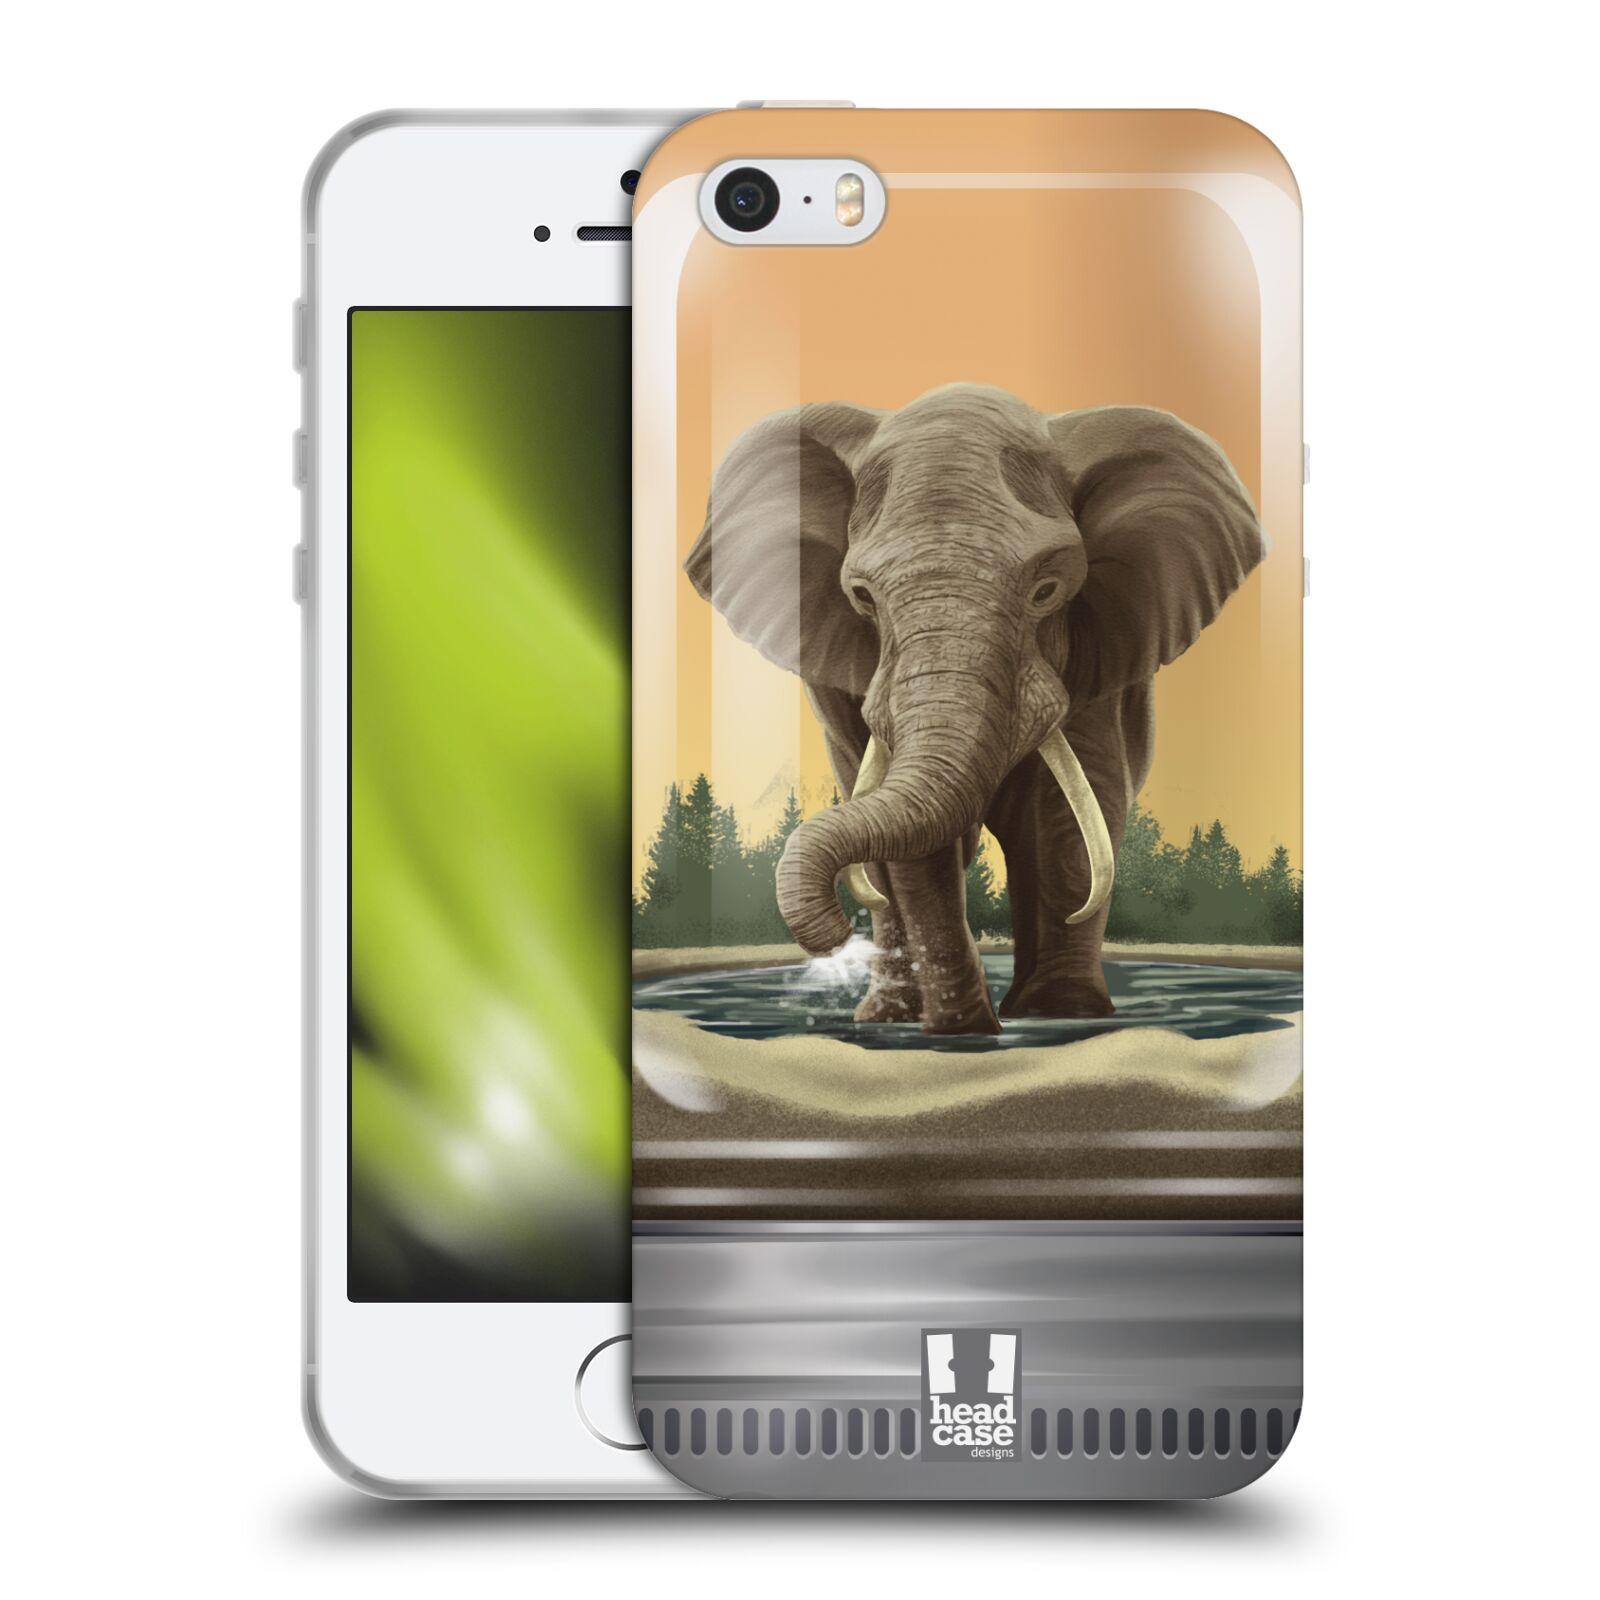 HEAD CASE silikonový obal na mobil Apple Iphone 5/5S vzor Zvířátka v těžítku slon